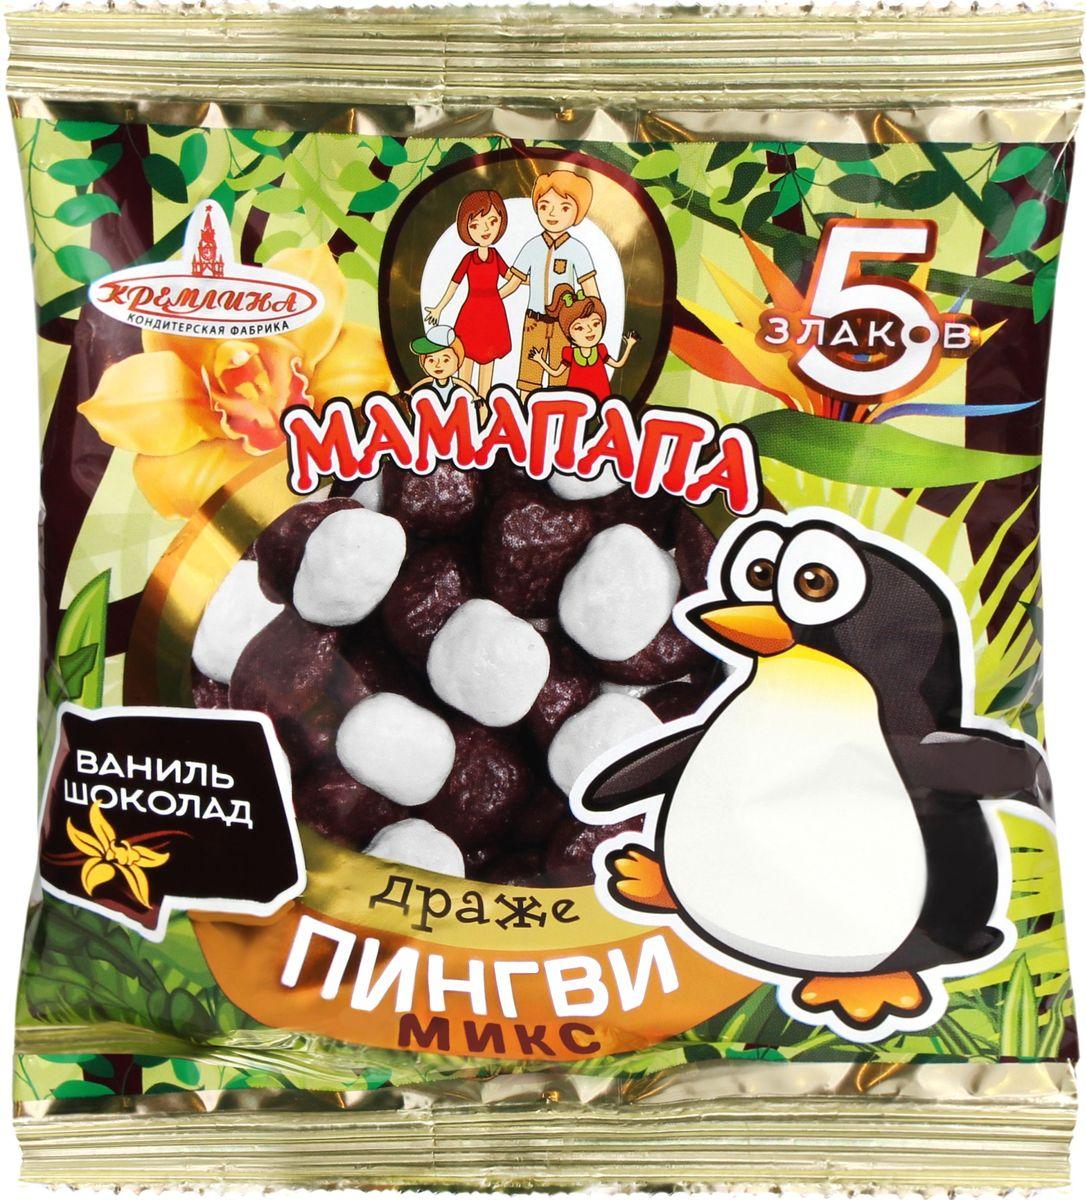 Кремлина Мамапапа Пингви микс: подушечки 5 злаков с помадной начинкой в шоколадной и йогуртовой глазури, 140 г4607039271911Хрустящие подушечки с кремовой начинкой, покрытые толстым слоем глазури.